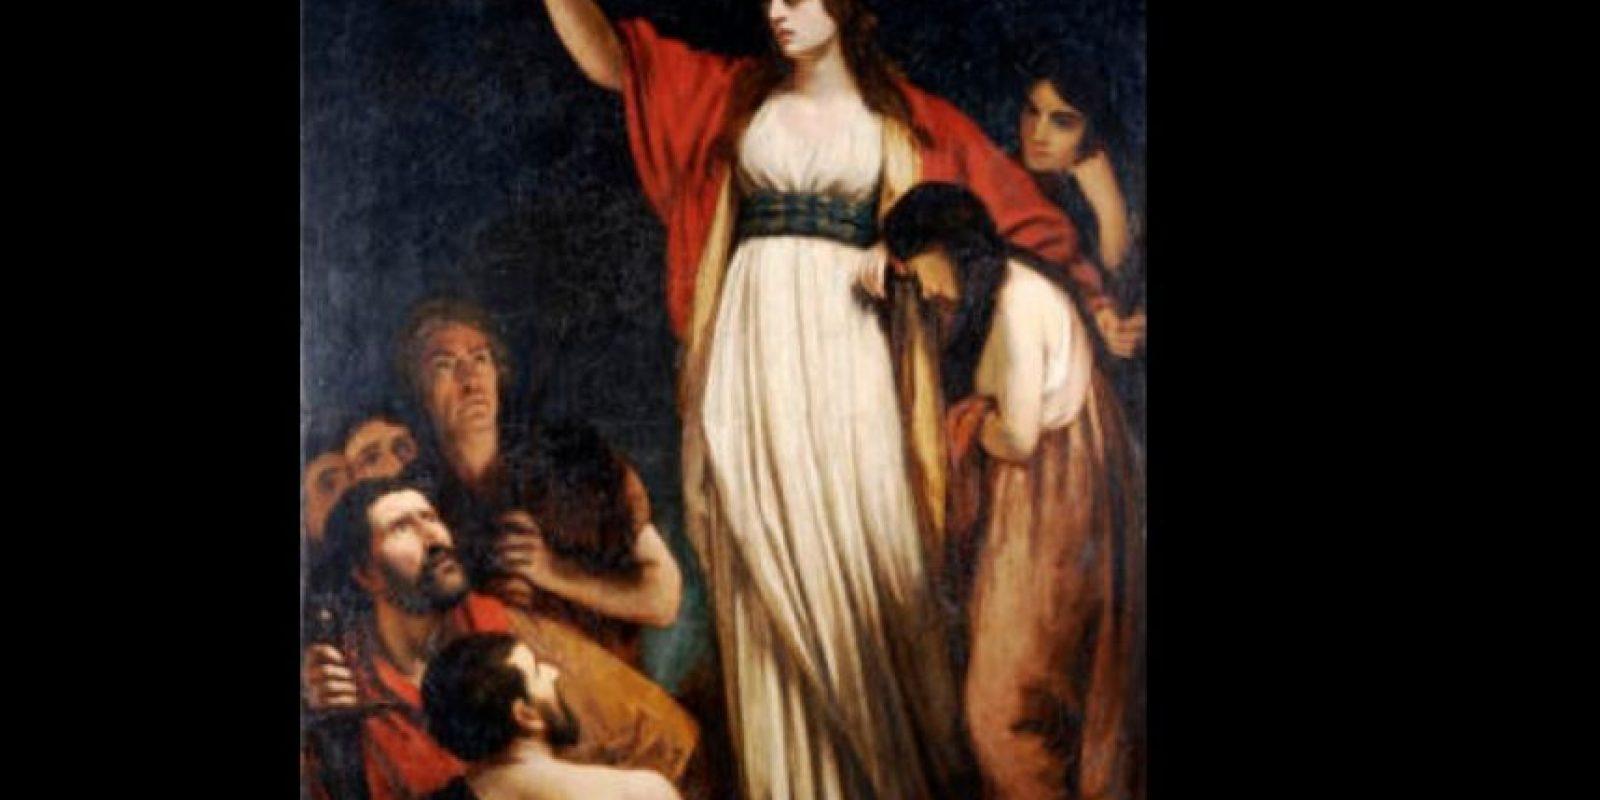 Boudica fue una reina icena que luchó por mantener a su reino lejos de los romanos Foto:Wikipedia